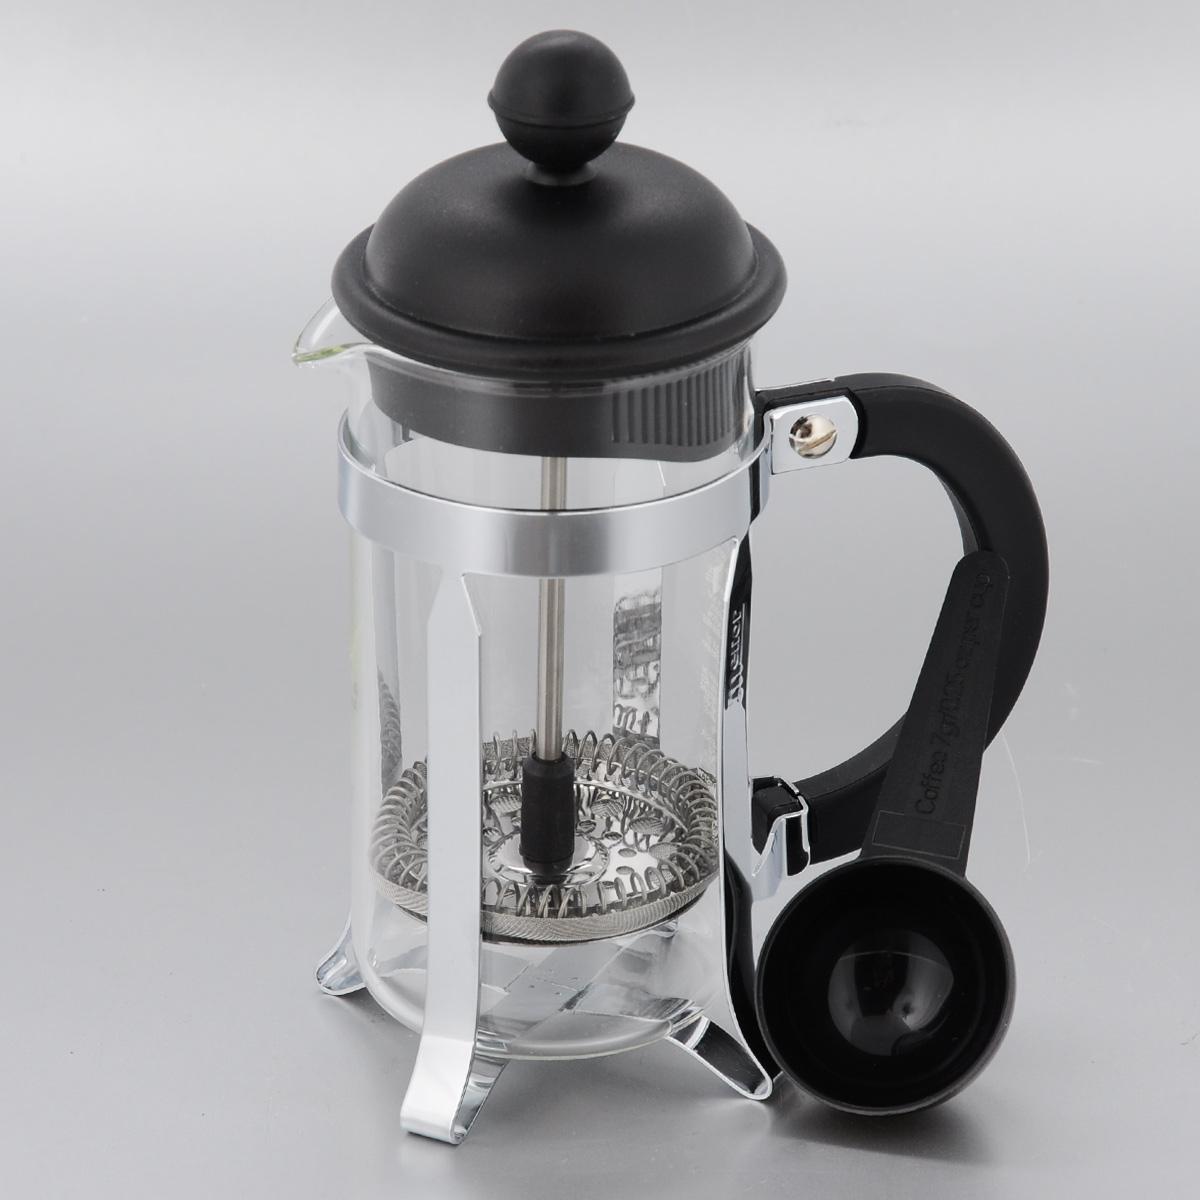 Френч-пресс Melior, с мерной ложкой, 350 млVT-1520(SR)Френч-пресс Melior позволит быстро и просто приготовить свежий и ароматный кофе или чай. Цветовая гамма подойдет даже для самого яркого интерьера. Френч-пресс изготовлен из высокотехнологичных материалов на современном оборудовании:- корпус изготовлен из высококачественного жаропрочного стекла, устойчивого к окрашиванию и царапинам;- фильтр-поршень из нержавеющей стали выполнен по технологии Press-Up для обеспечения равномерной циркуляции воды;- подставка из высококачественного силикона препятствует скольжению френч-пресса.Практичный и стильный дизайн френч-пресса Melior полностью соответствует последним модным тенденциям в создании предметов бытового назначения.В комплект входит мерная ложка. Можно мыть в посудомоечной машине.Диаметр по верхнему краю: 7 см.Высота (с учетом крышки): 18,5 см.Длина ложки: 10 см.Диаметр рабочей части: 4 см.